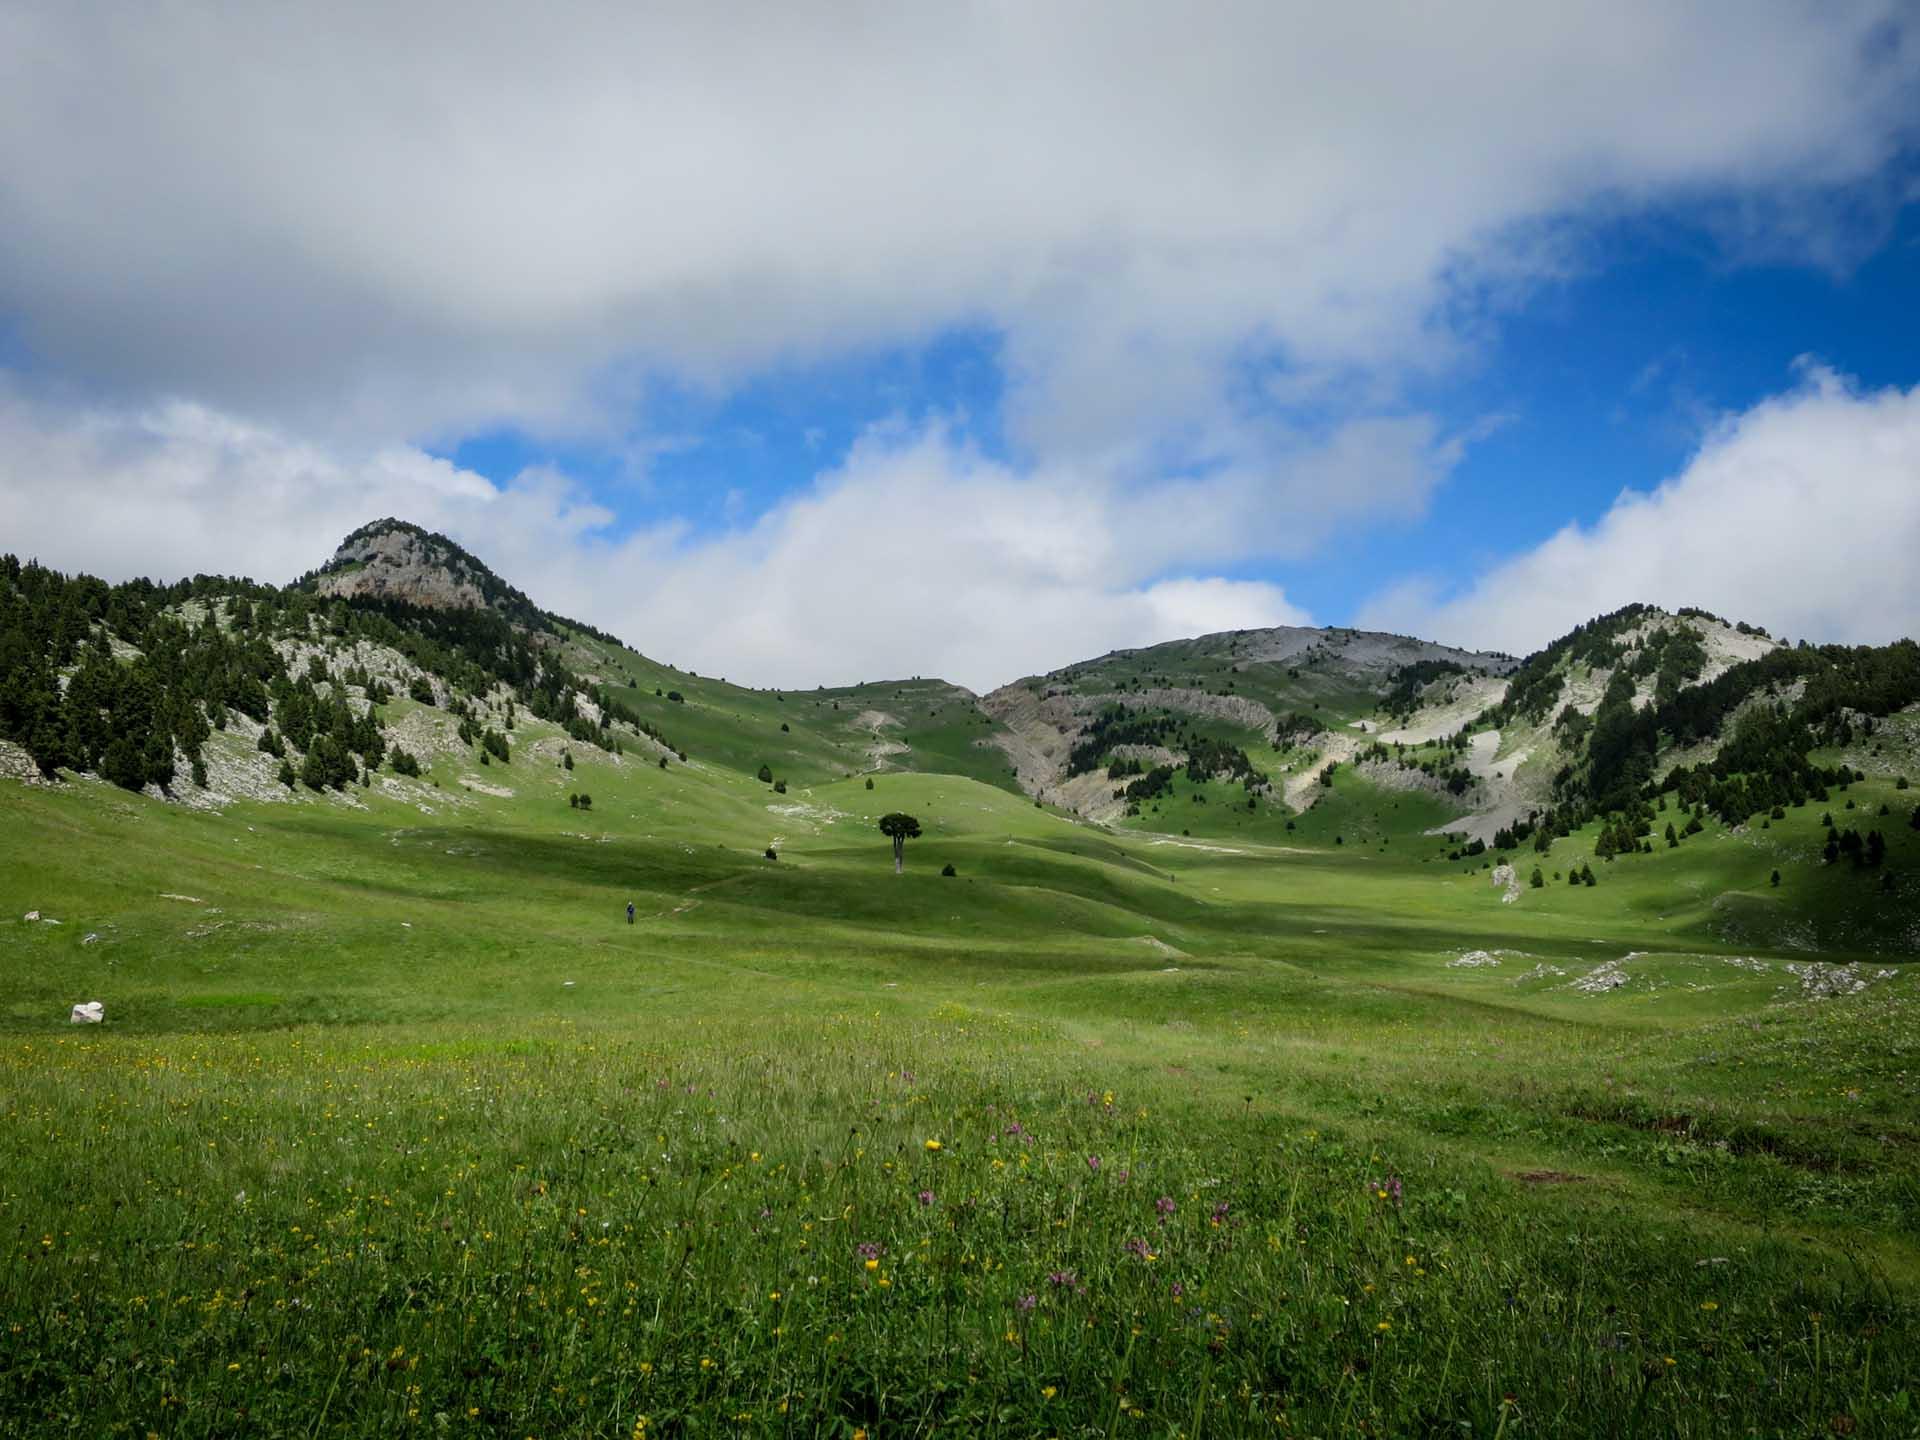 Arbre Taille Hauts Plateaux Vercors Plaine Quirlie Slow Rando